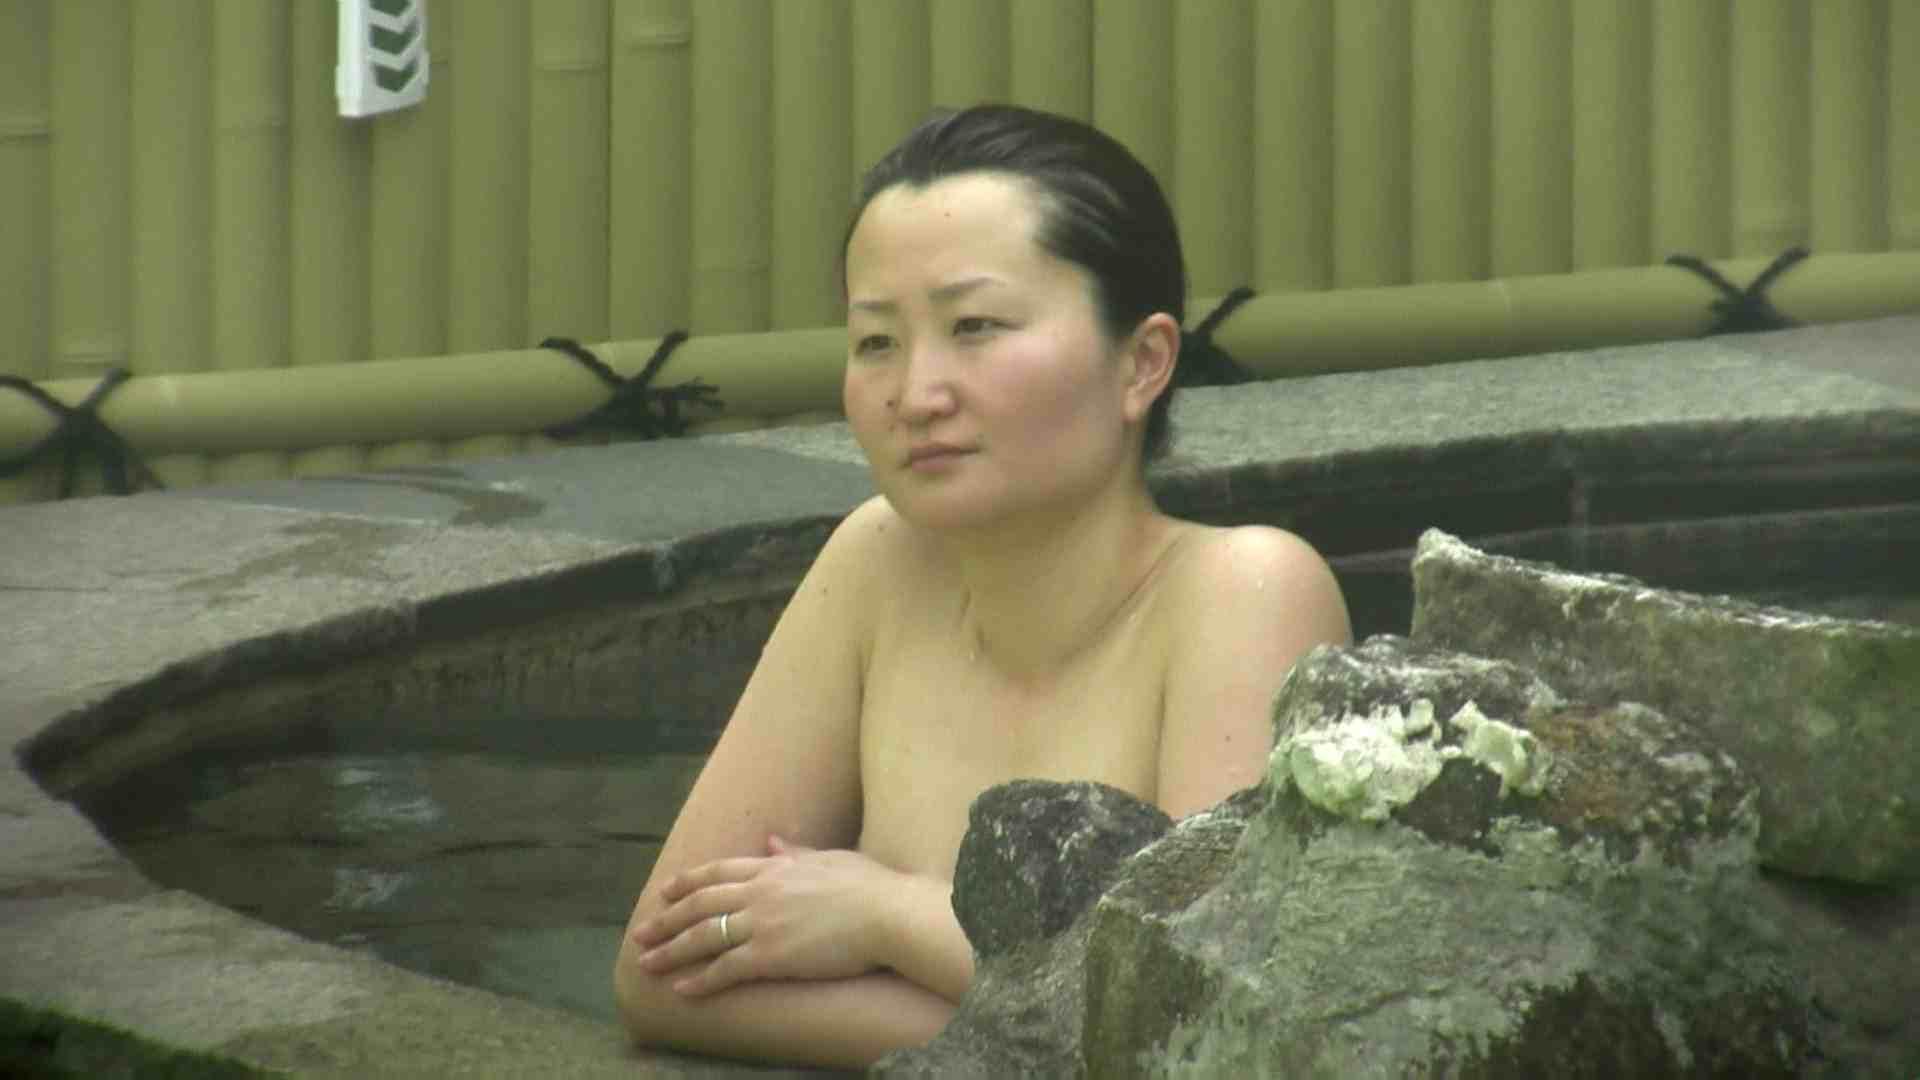 Aquaな露天風呂Vol.632 露天  111pic 18